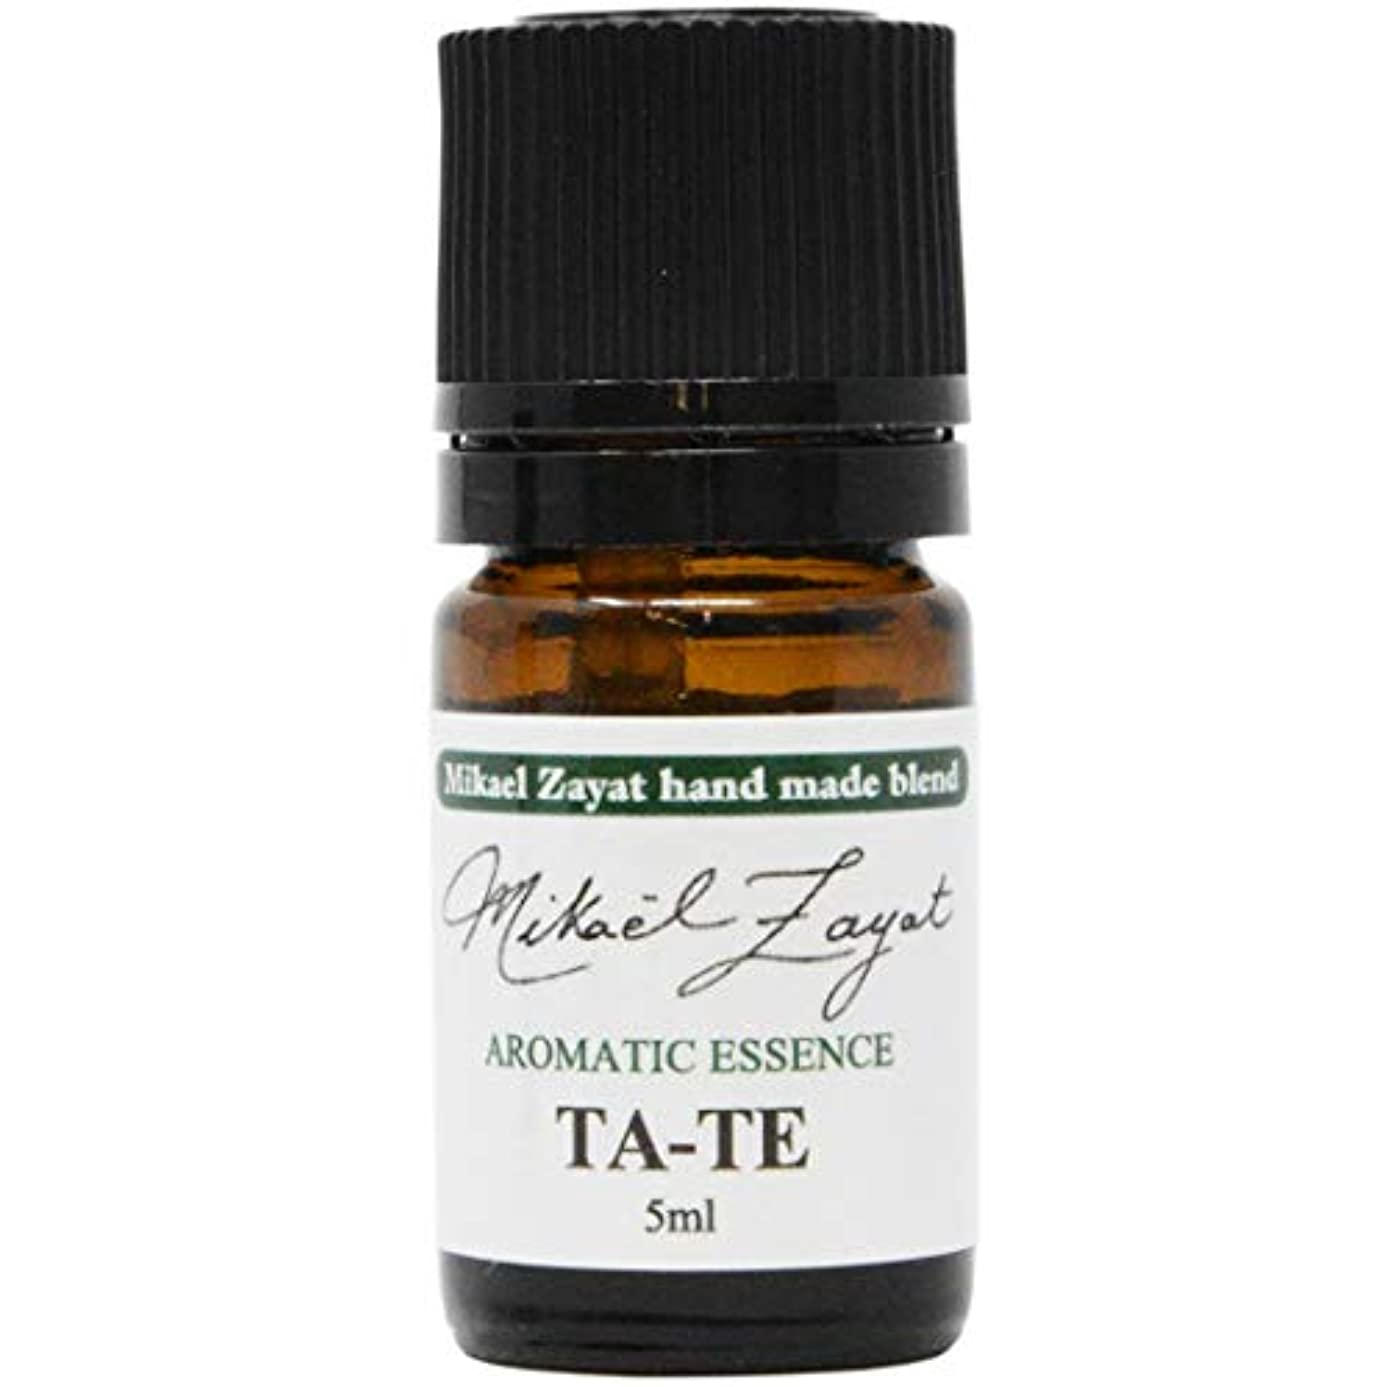 浜辺苦わざわざミカエルザヤット 盾 TA-TE 5ml / Mikael Zayat hand made blend 日本国内正規品 (ミカエルザヤット エッセンシャルオイル)